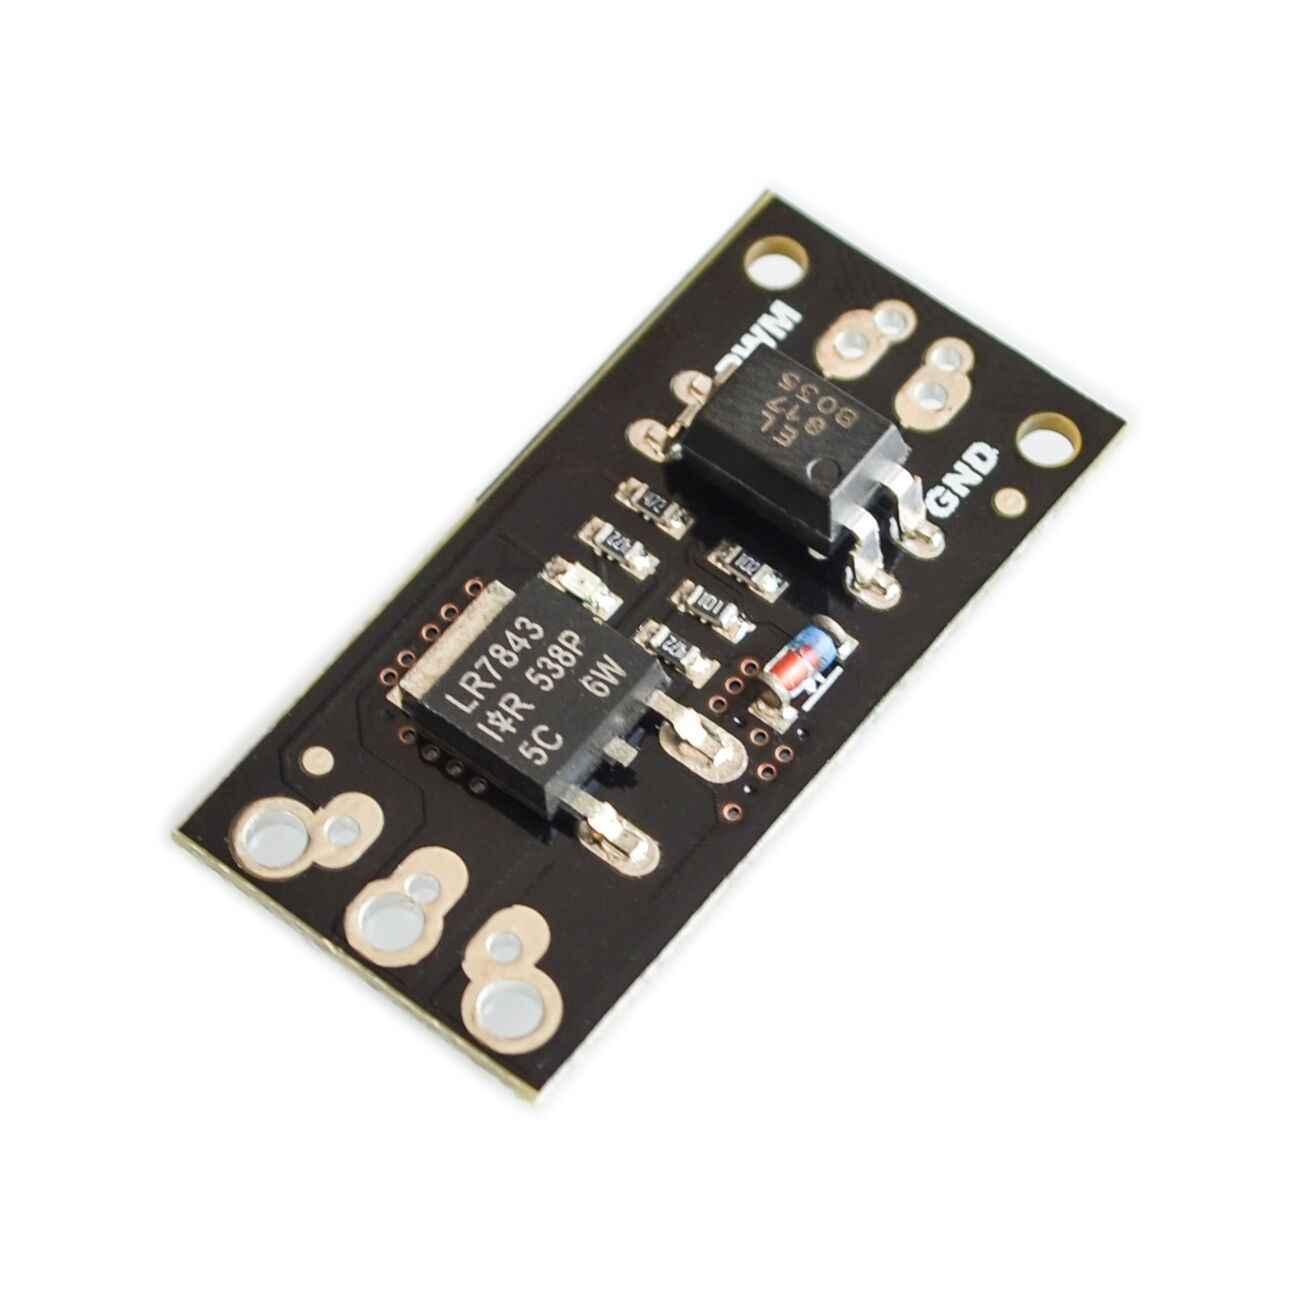 LR7843 mos モジュール mosfet 制御モジュール電界効果モジュール